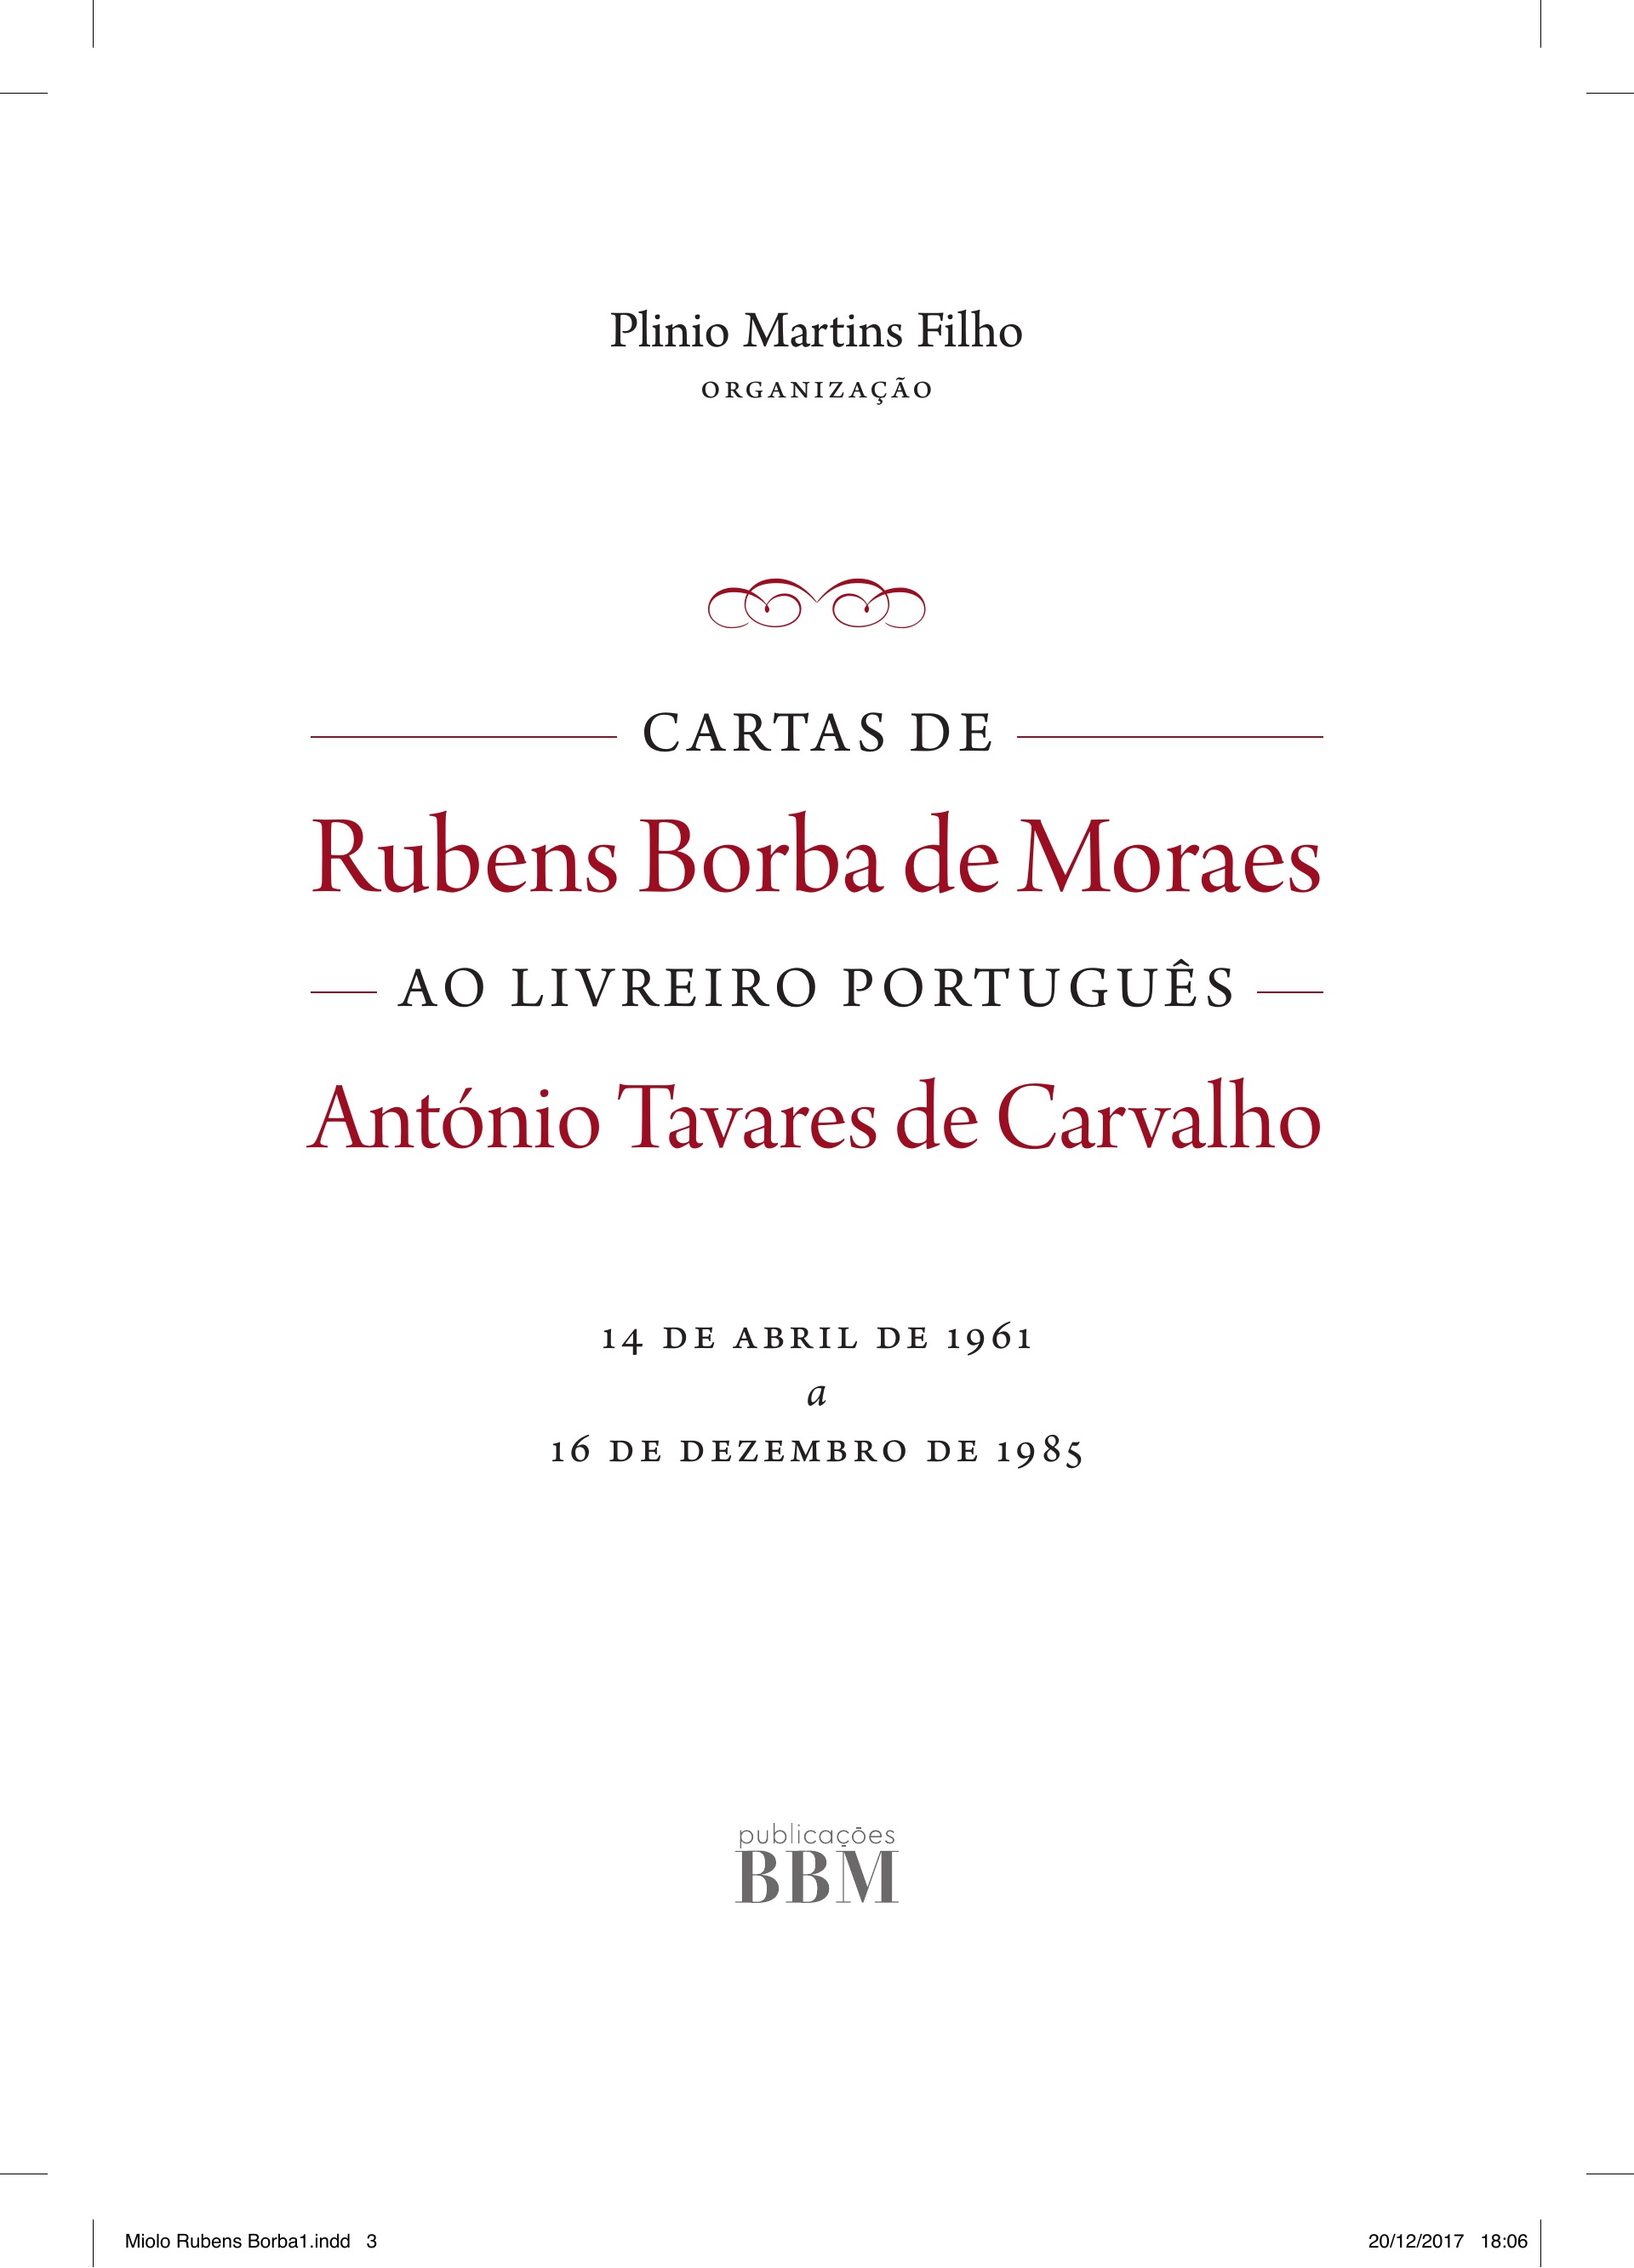 Resultado de imagem para Cartas de Rubens Borba de Moraes ao livreiro português António Tavares de Carvalho